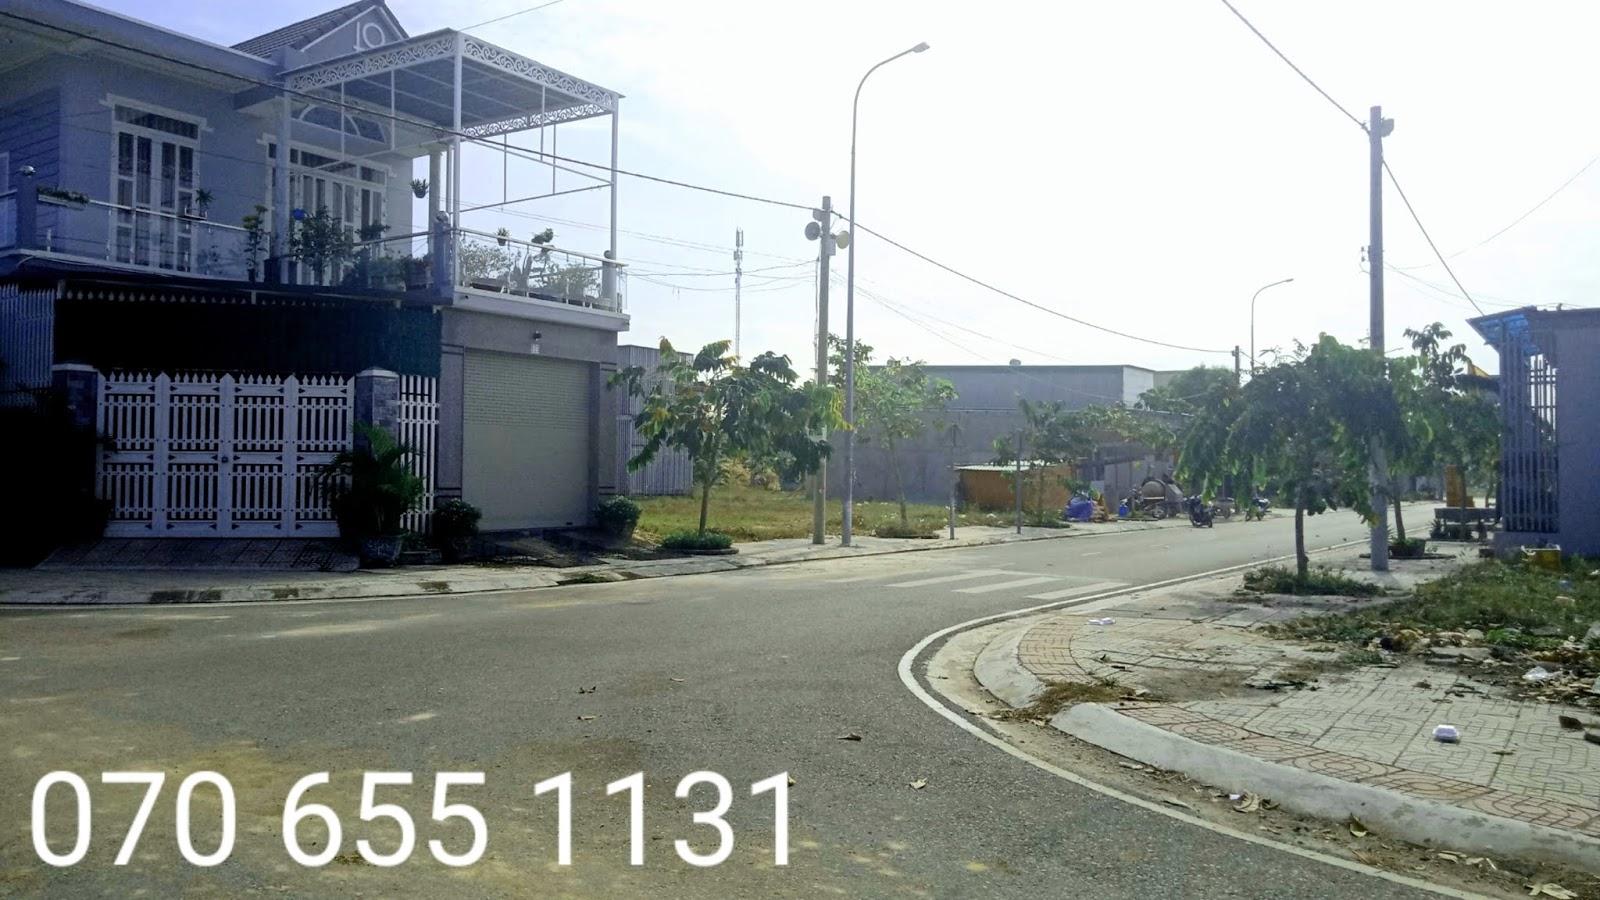 Ngân hàng cần thanh ly lô đất tại Phú Mỹ giá rẻ